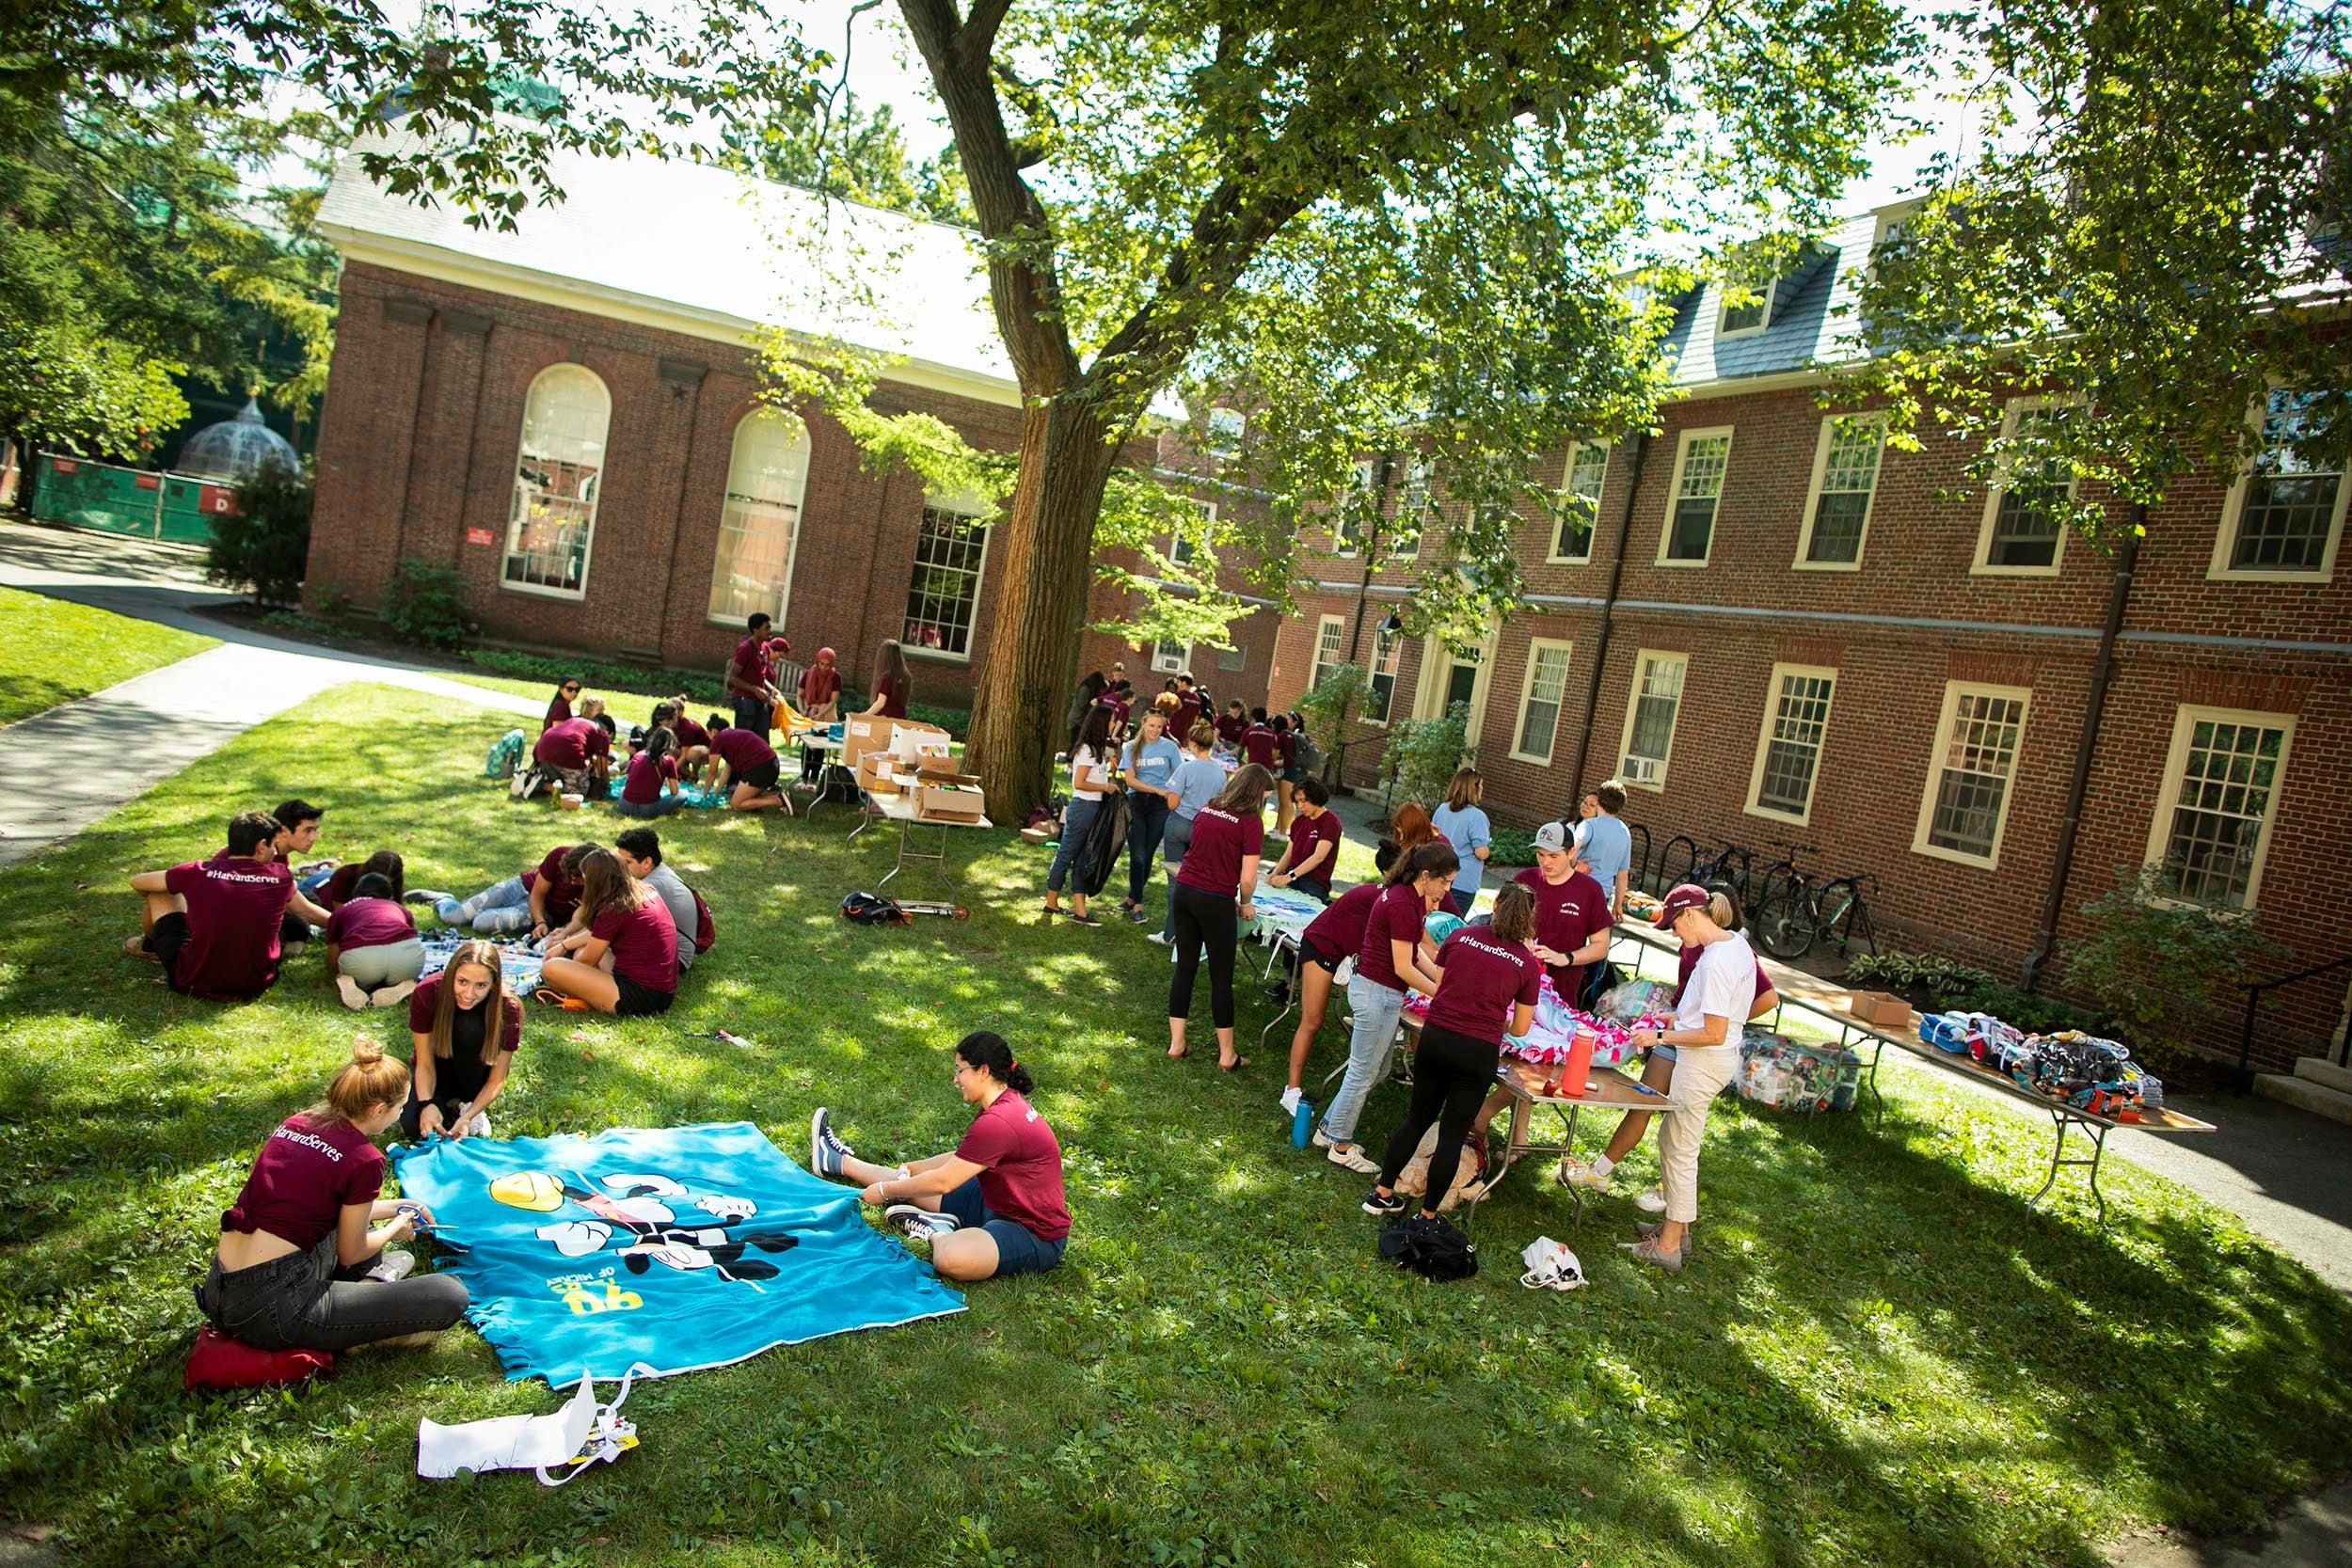 Volunteers in Harvard Yard